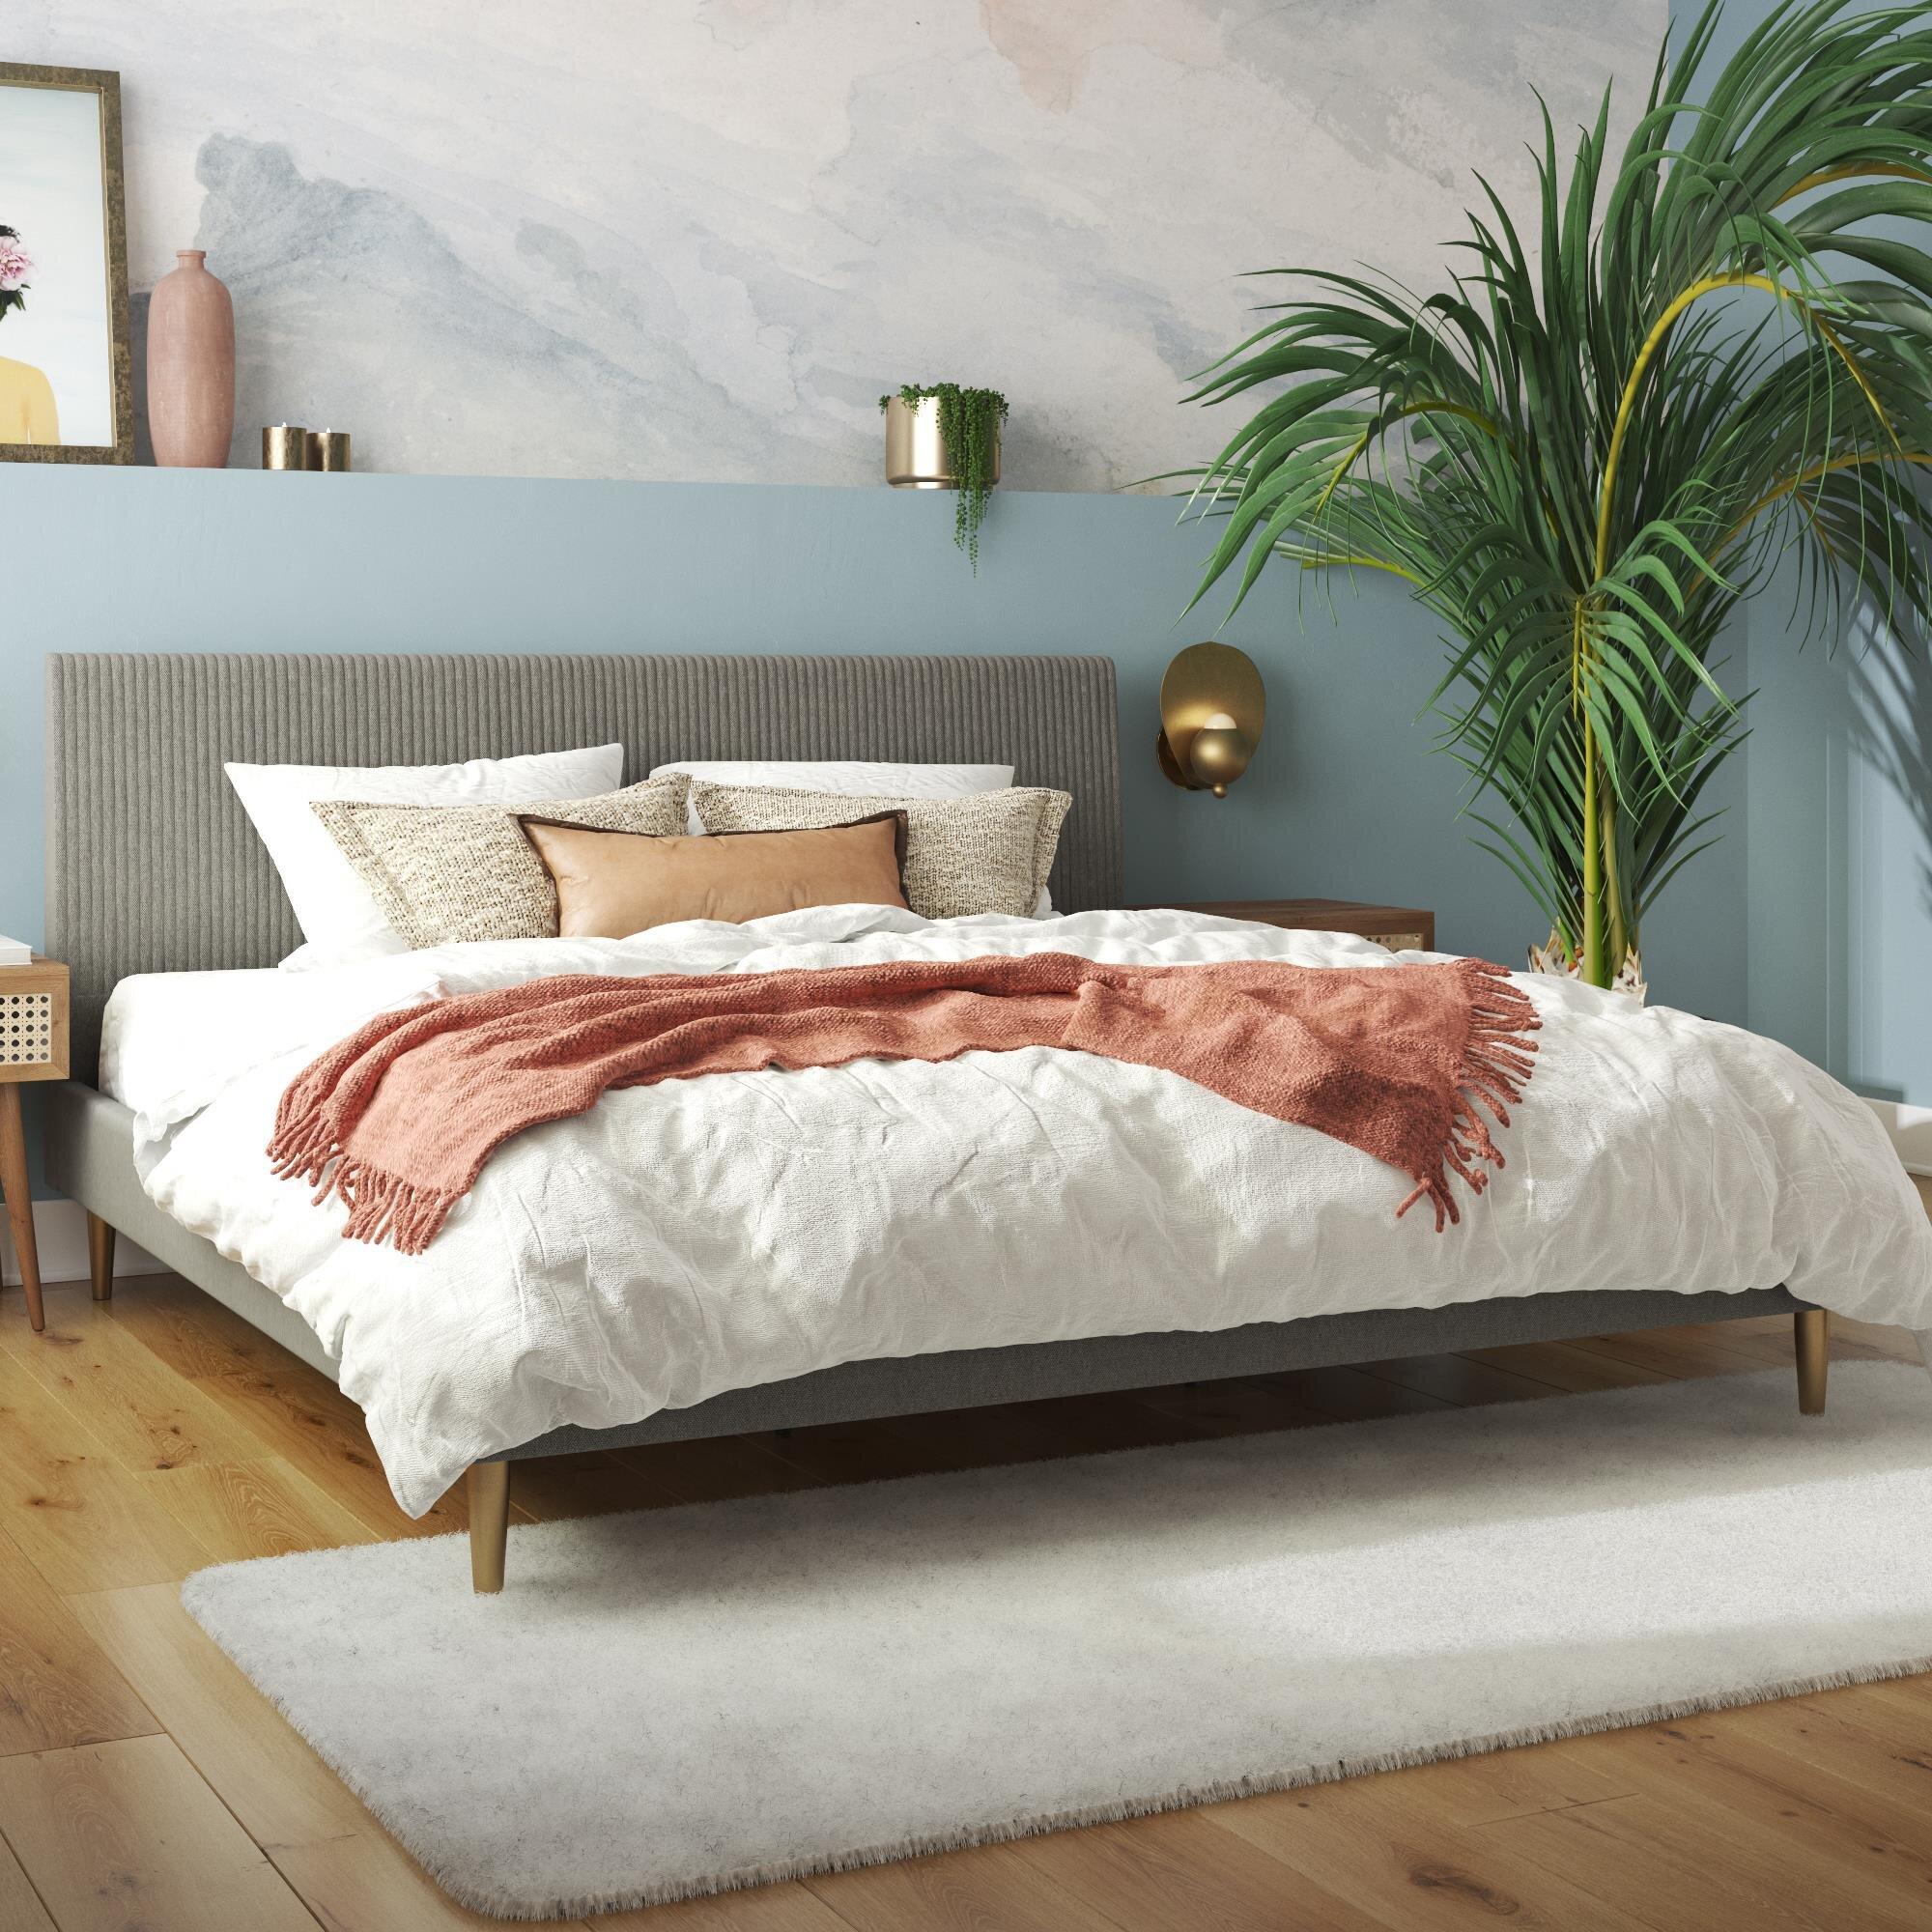 Mr Kate Daphne Upholstered Platform Bed Reviews Wayfair